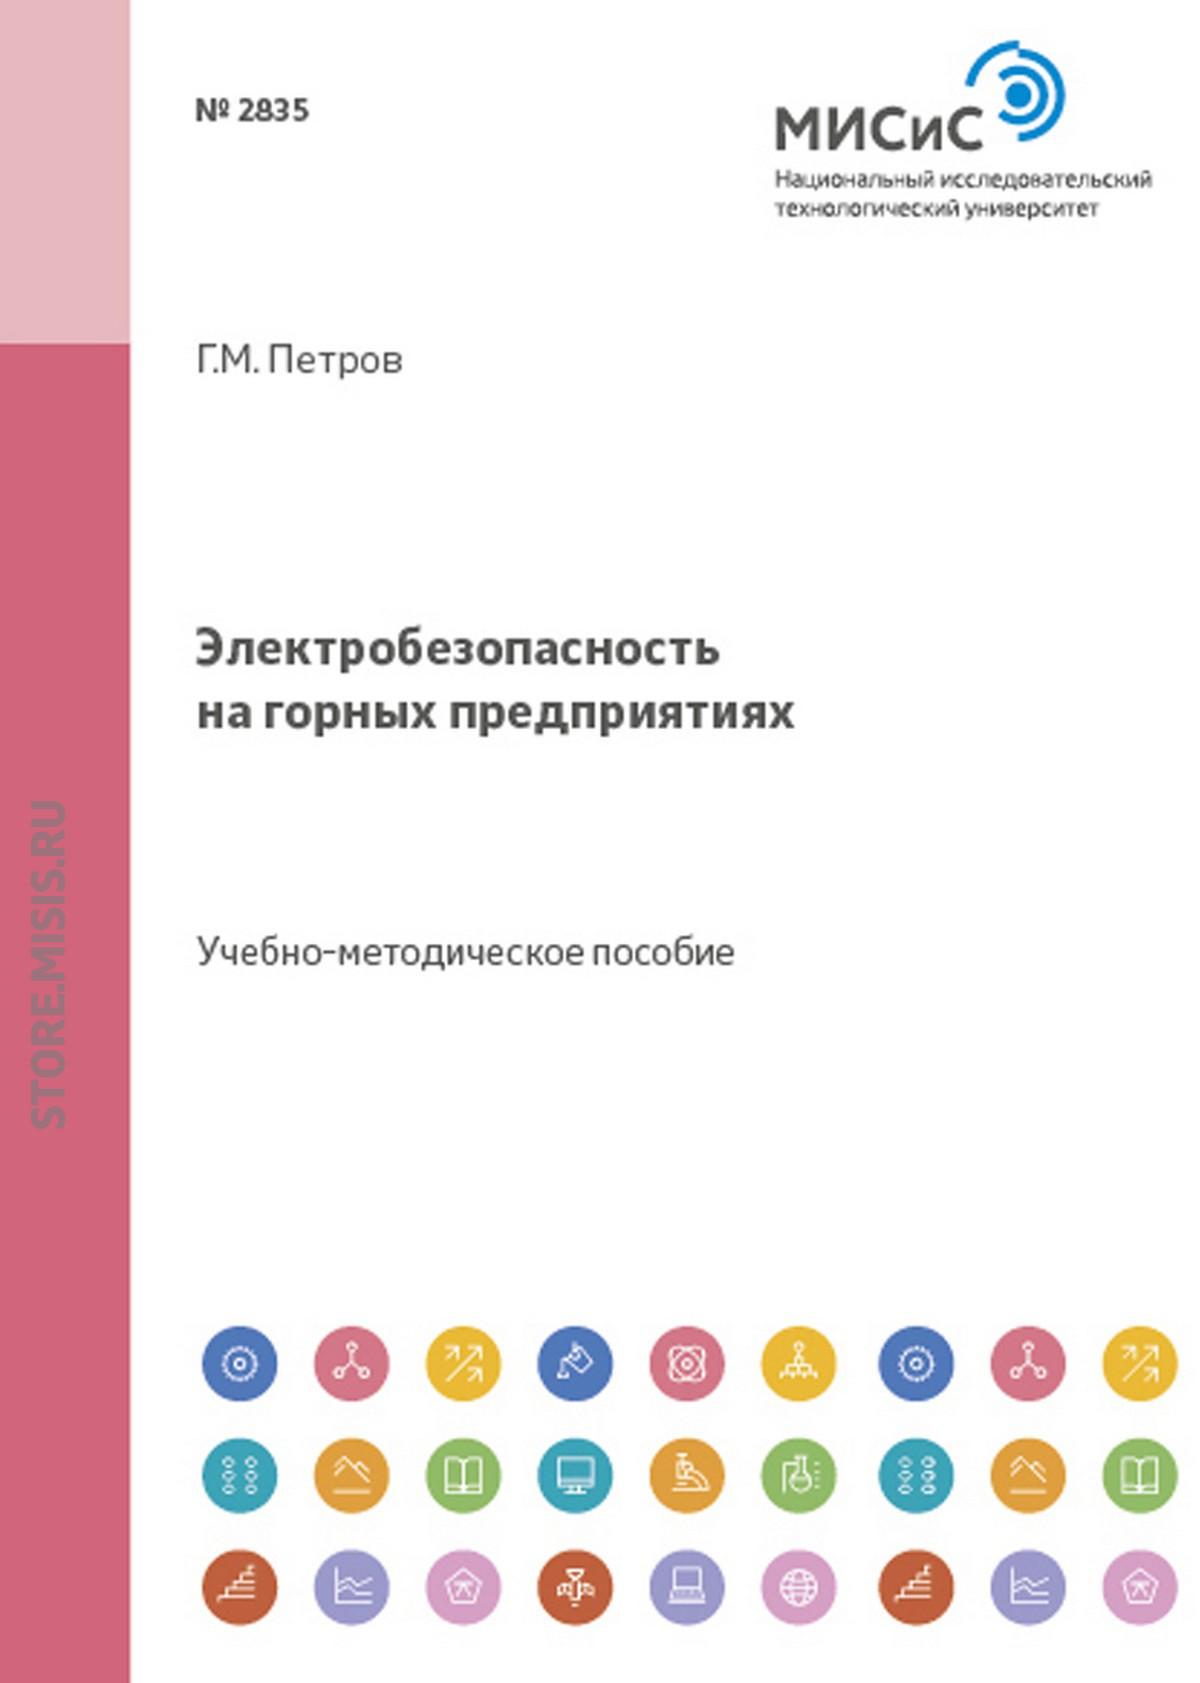 Геннадий Петров Электробезопасность на горных предприятиях е ф цапенко электробезопасность на горных предприятиях